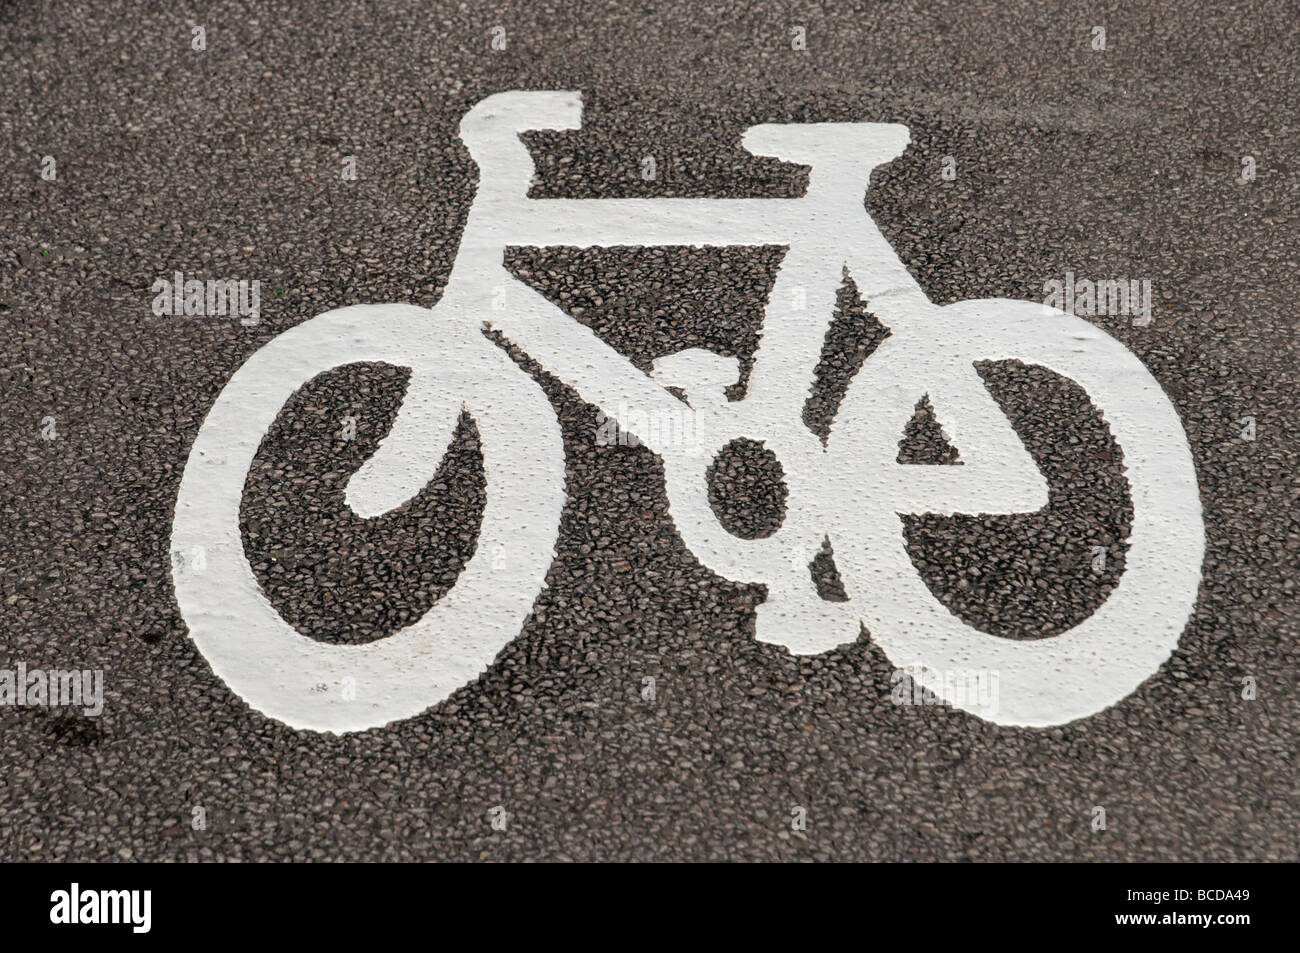 Pista ciclabile simbolo marcatura stradale Londra Inghilterra REGNO UNITO Immagini Stock